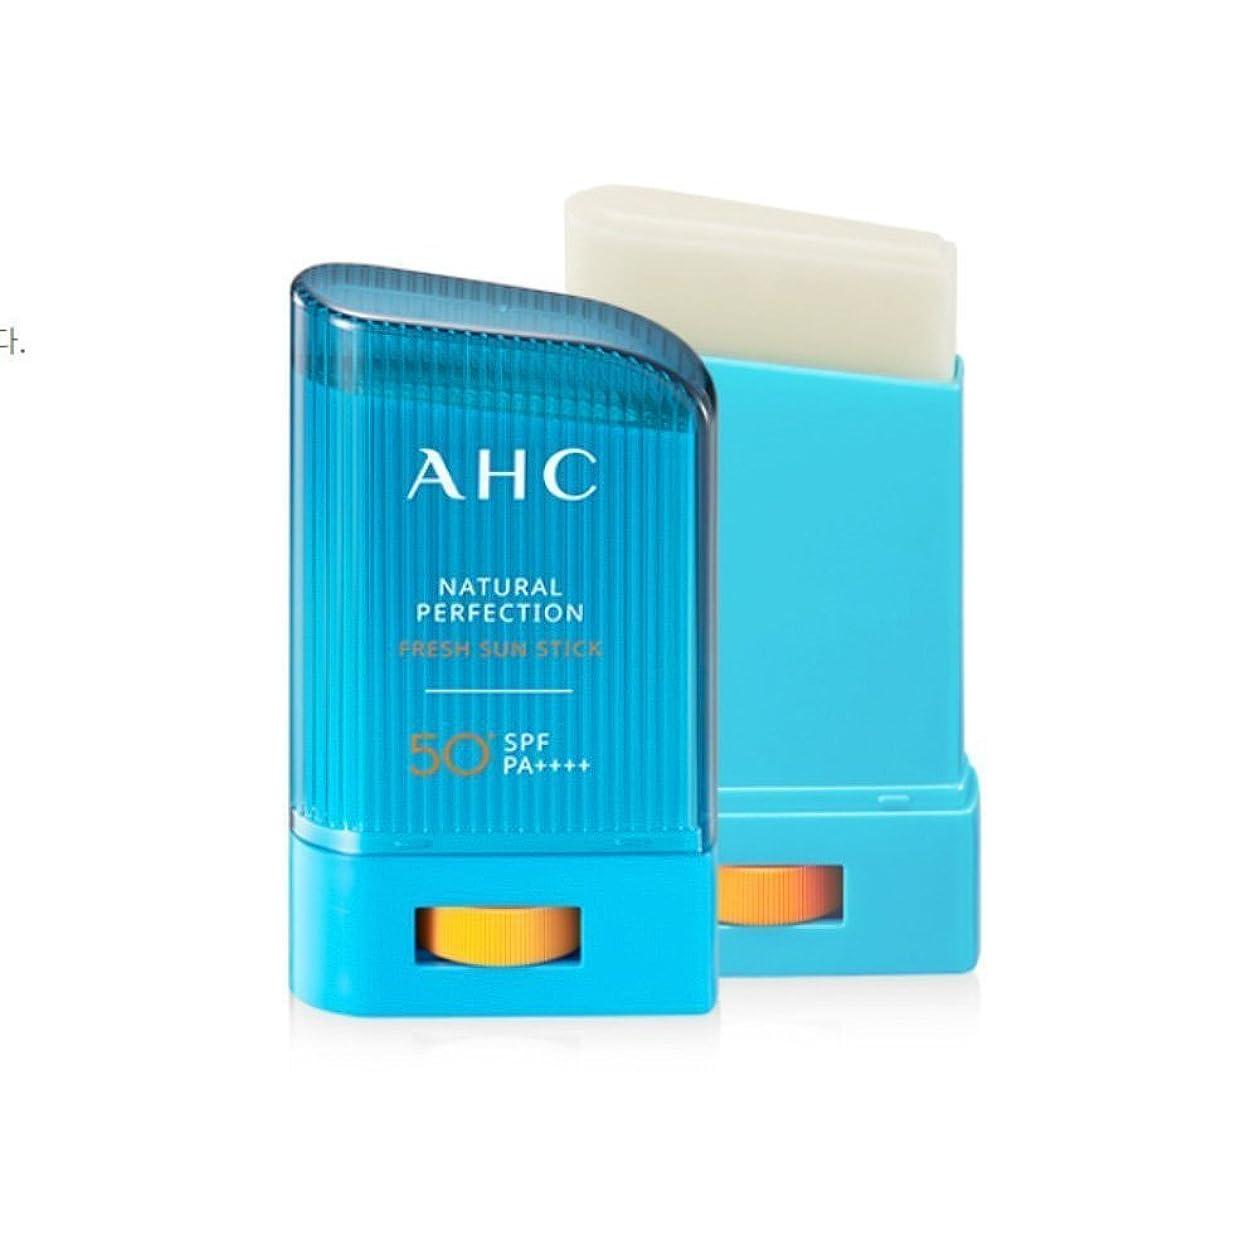 遮る金銭的なテクトニック[1+1] AHC Natural Perfection Fresh Sun Stick ナチュラルパーフェクションフレッシュサンスティック 22g * 2個 [並行輸入品]